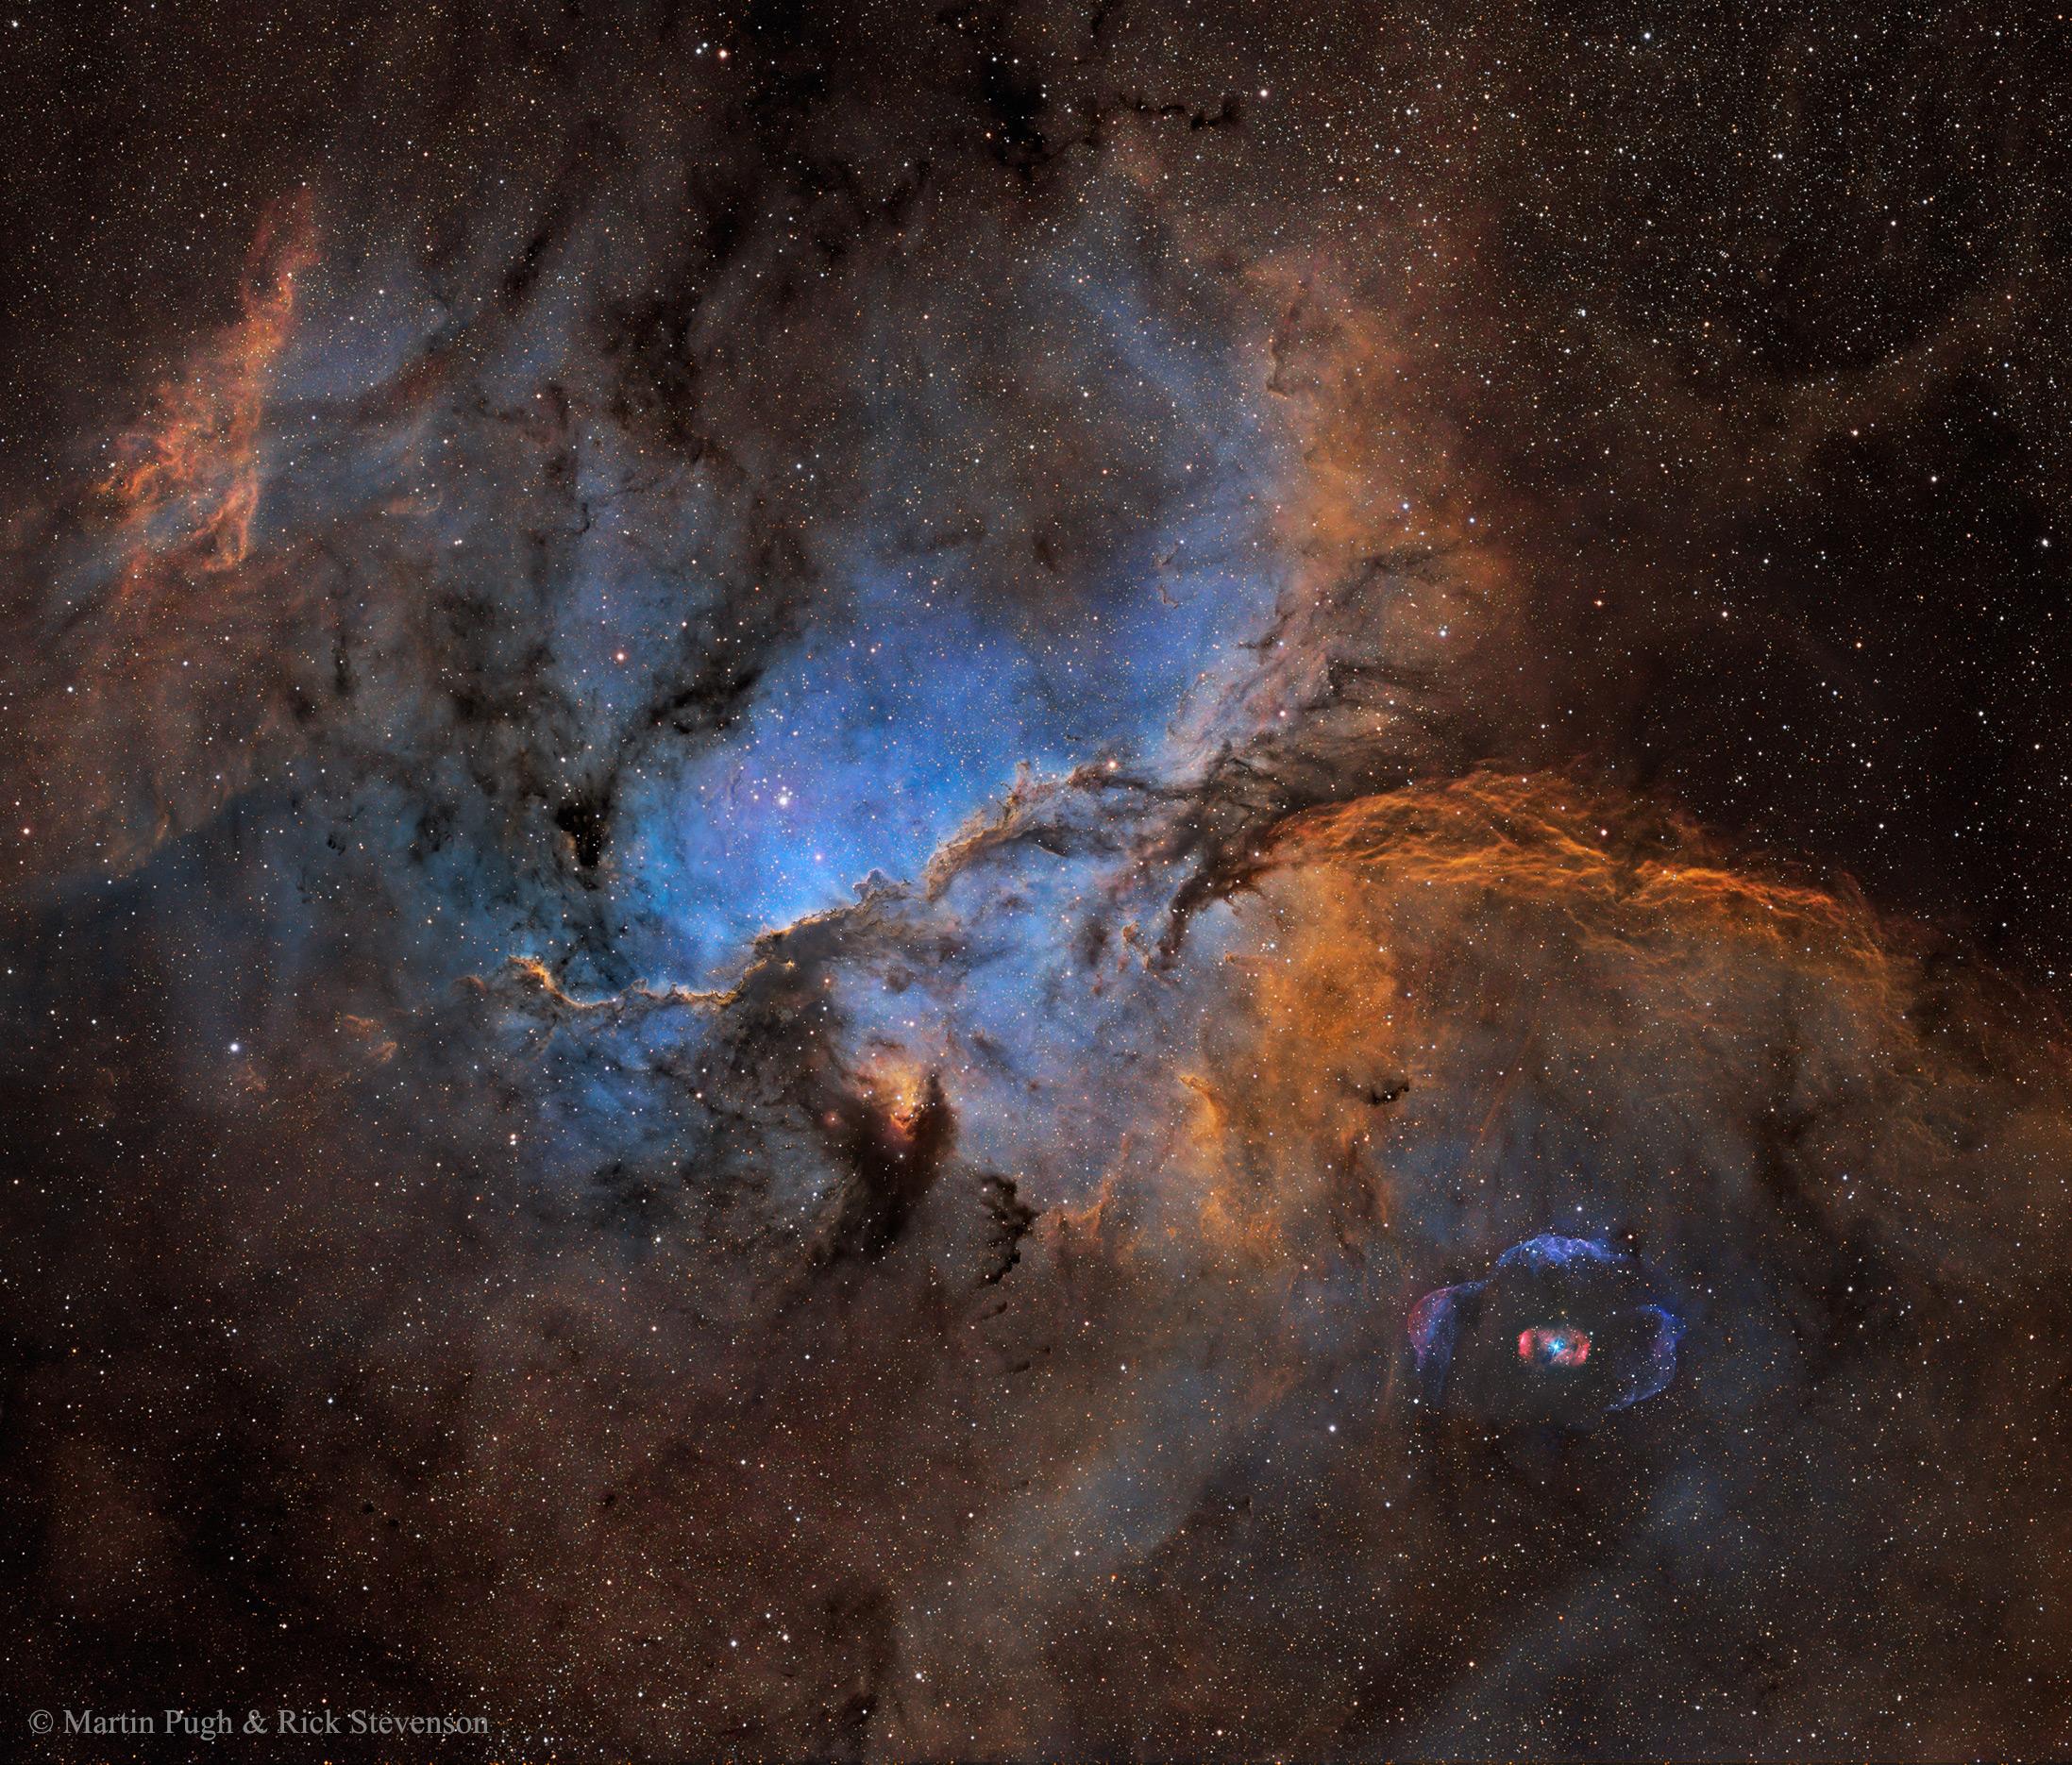 APOD: 2016 March 30 - NGC 6188 and NGC 6164